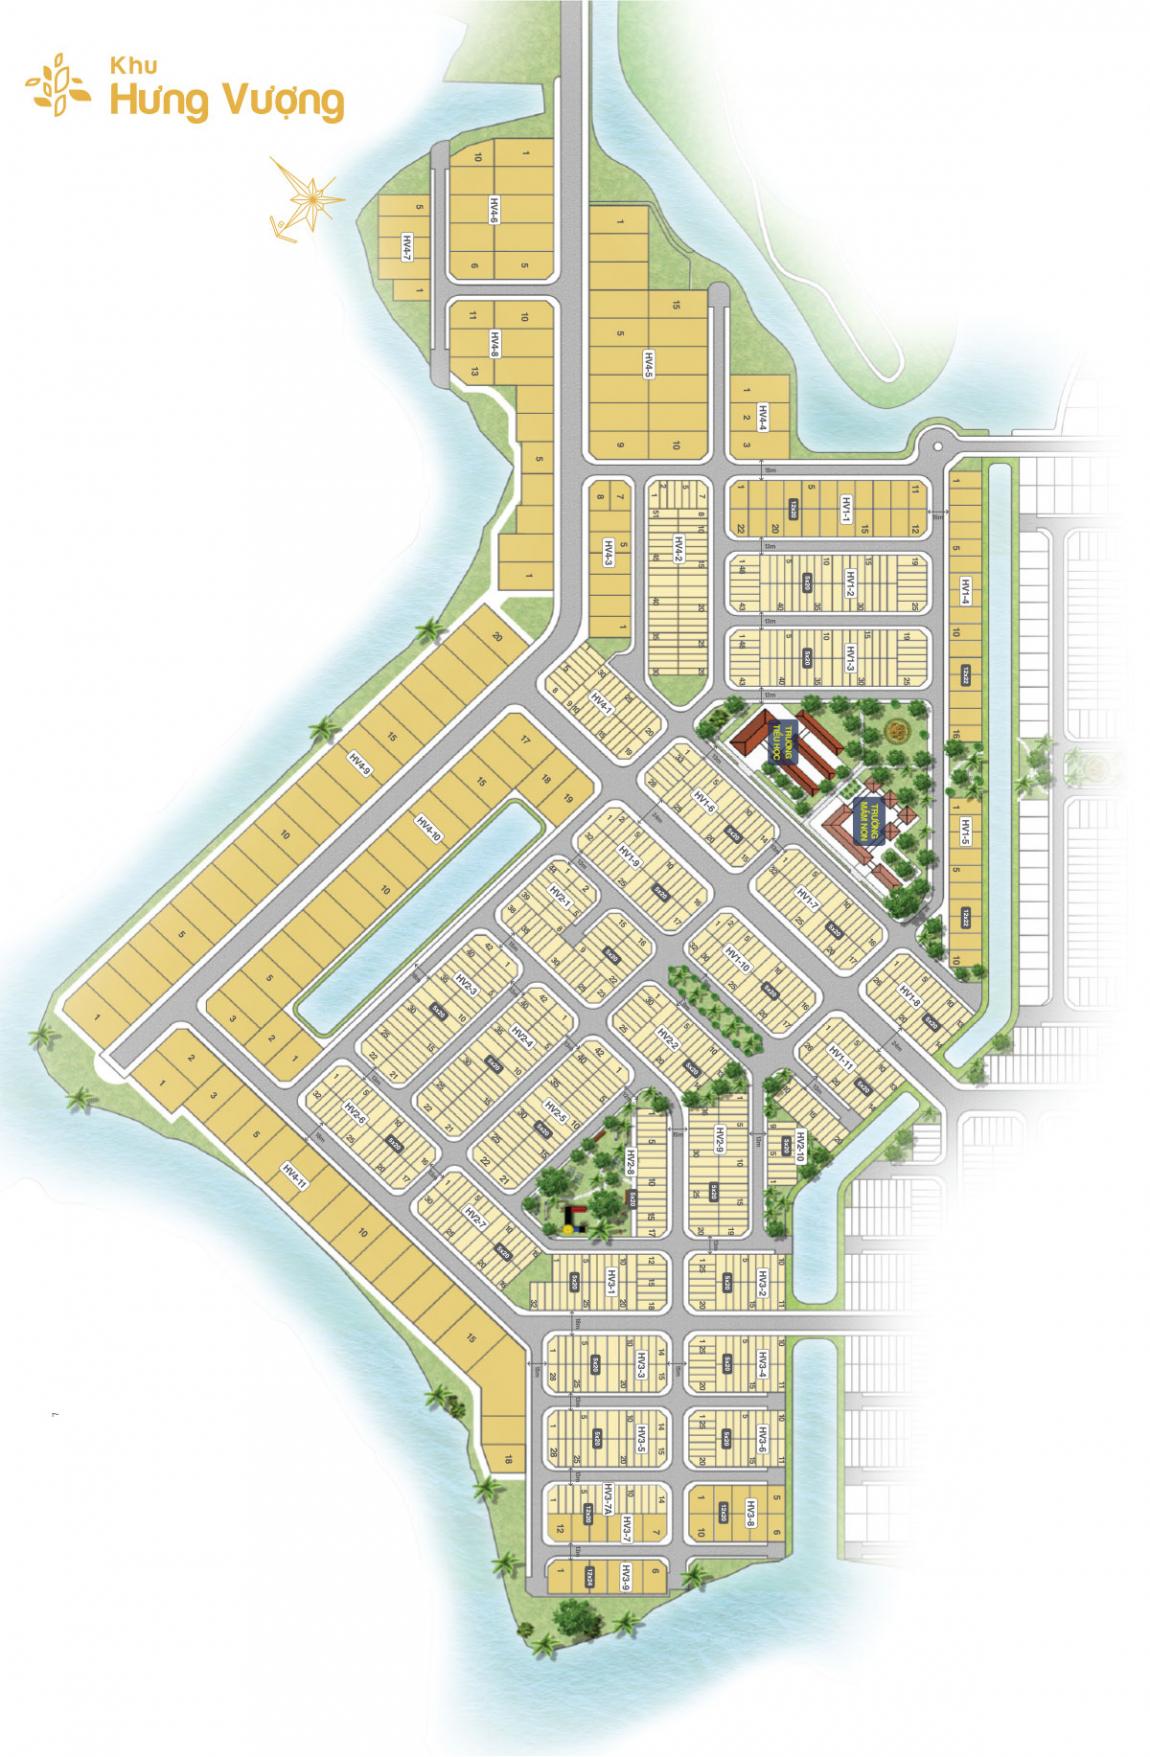 mặt bằng khu hưng vượng dự án biên hoà new city